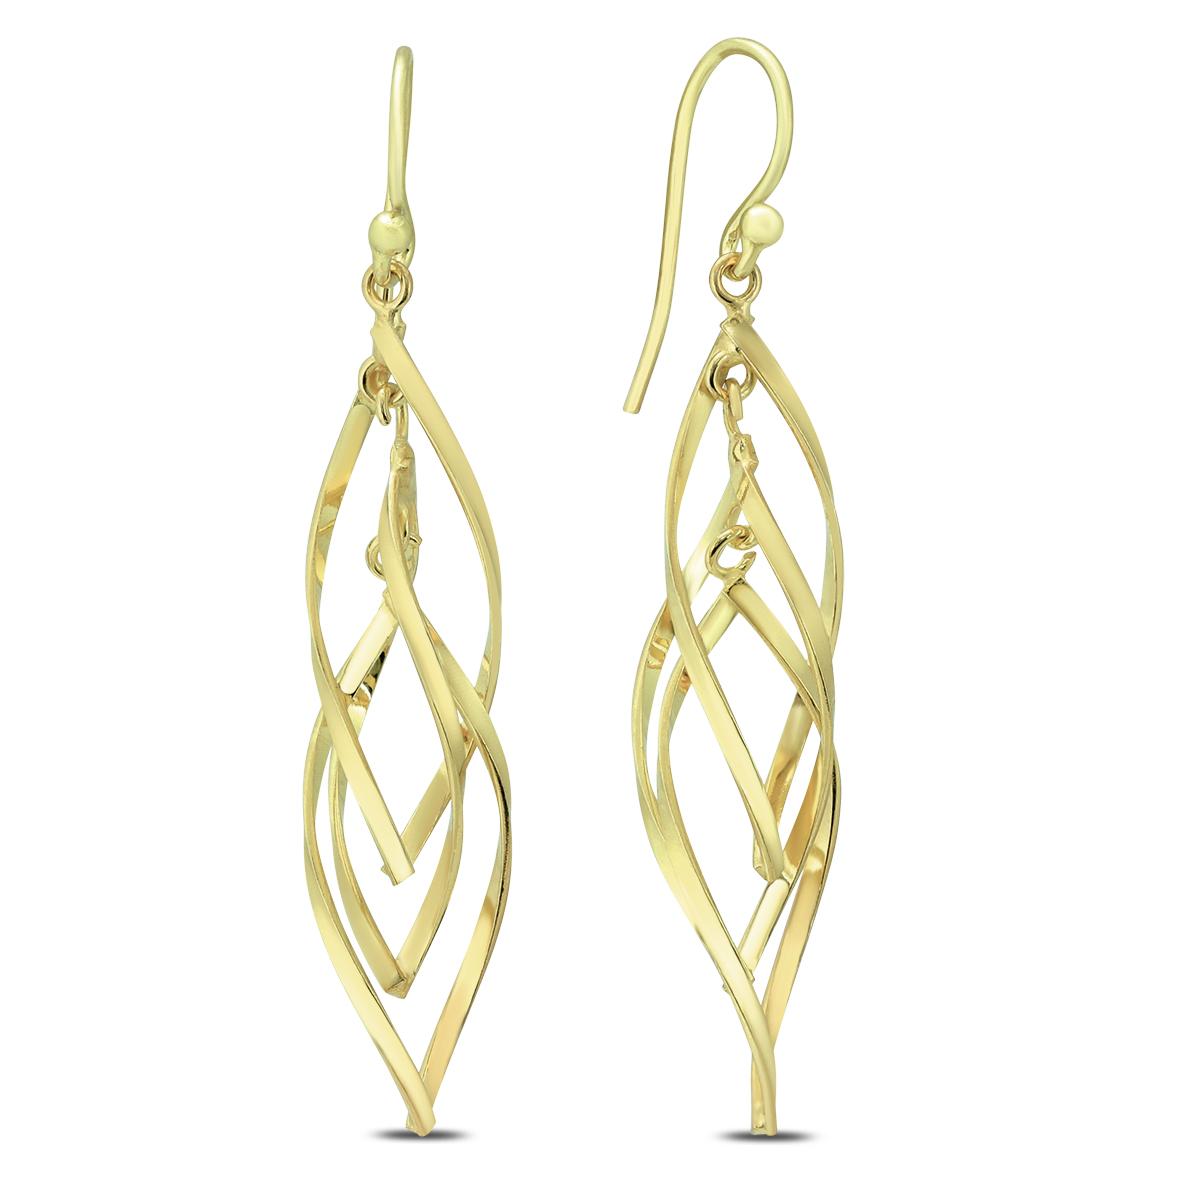 Plated .925 Sterling Silver Swirl Earrings